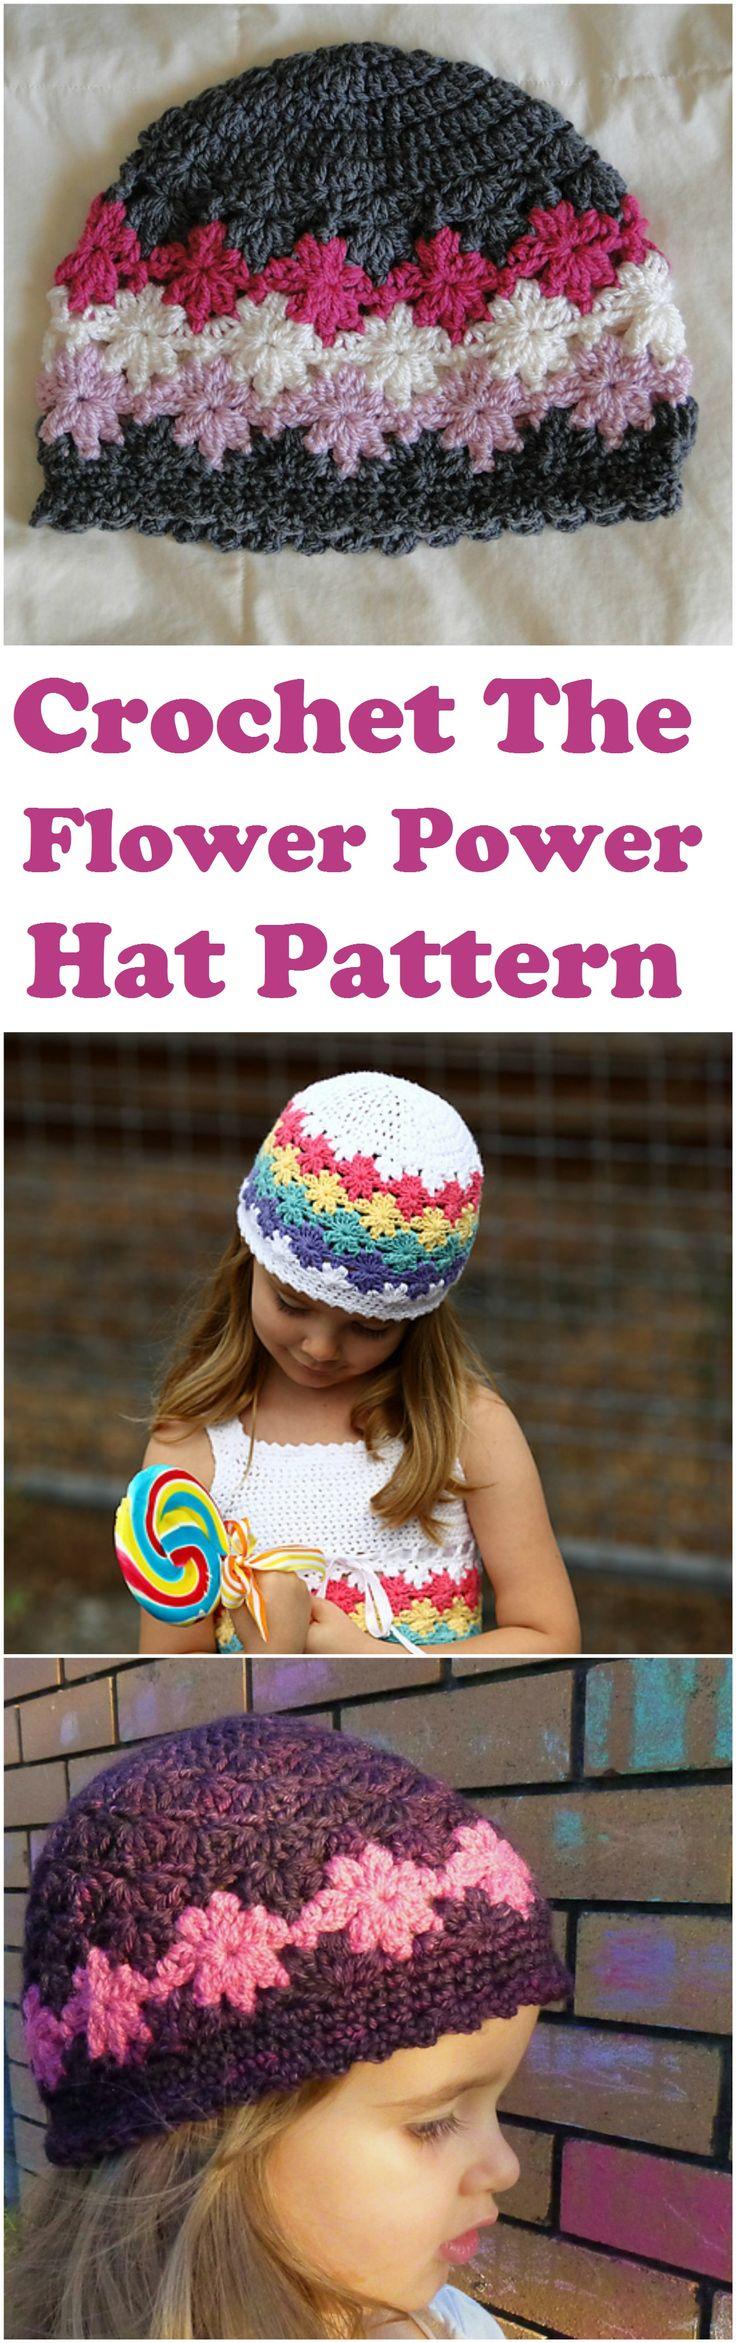 Crochet Flower Power Hat